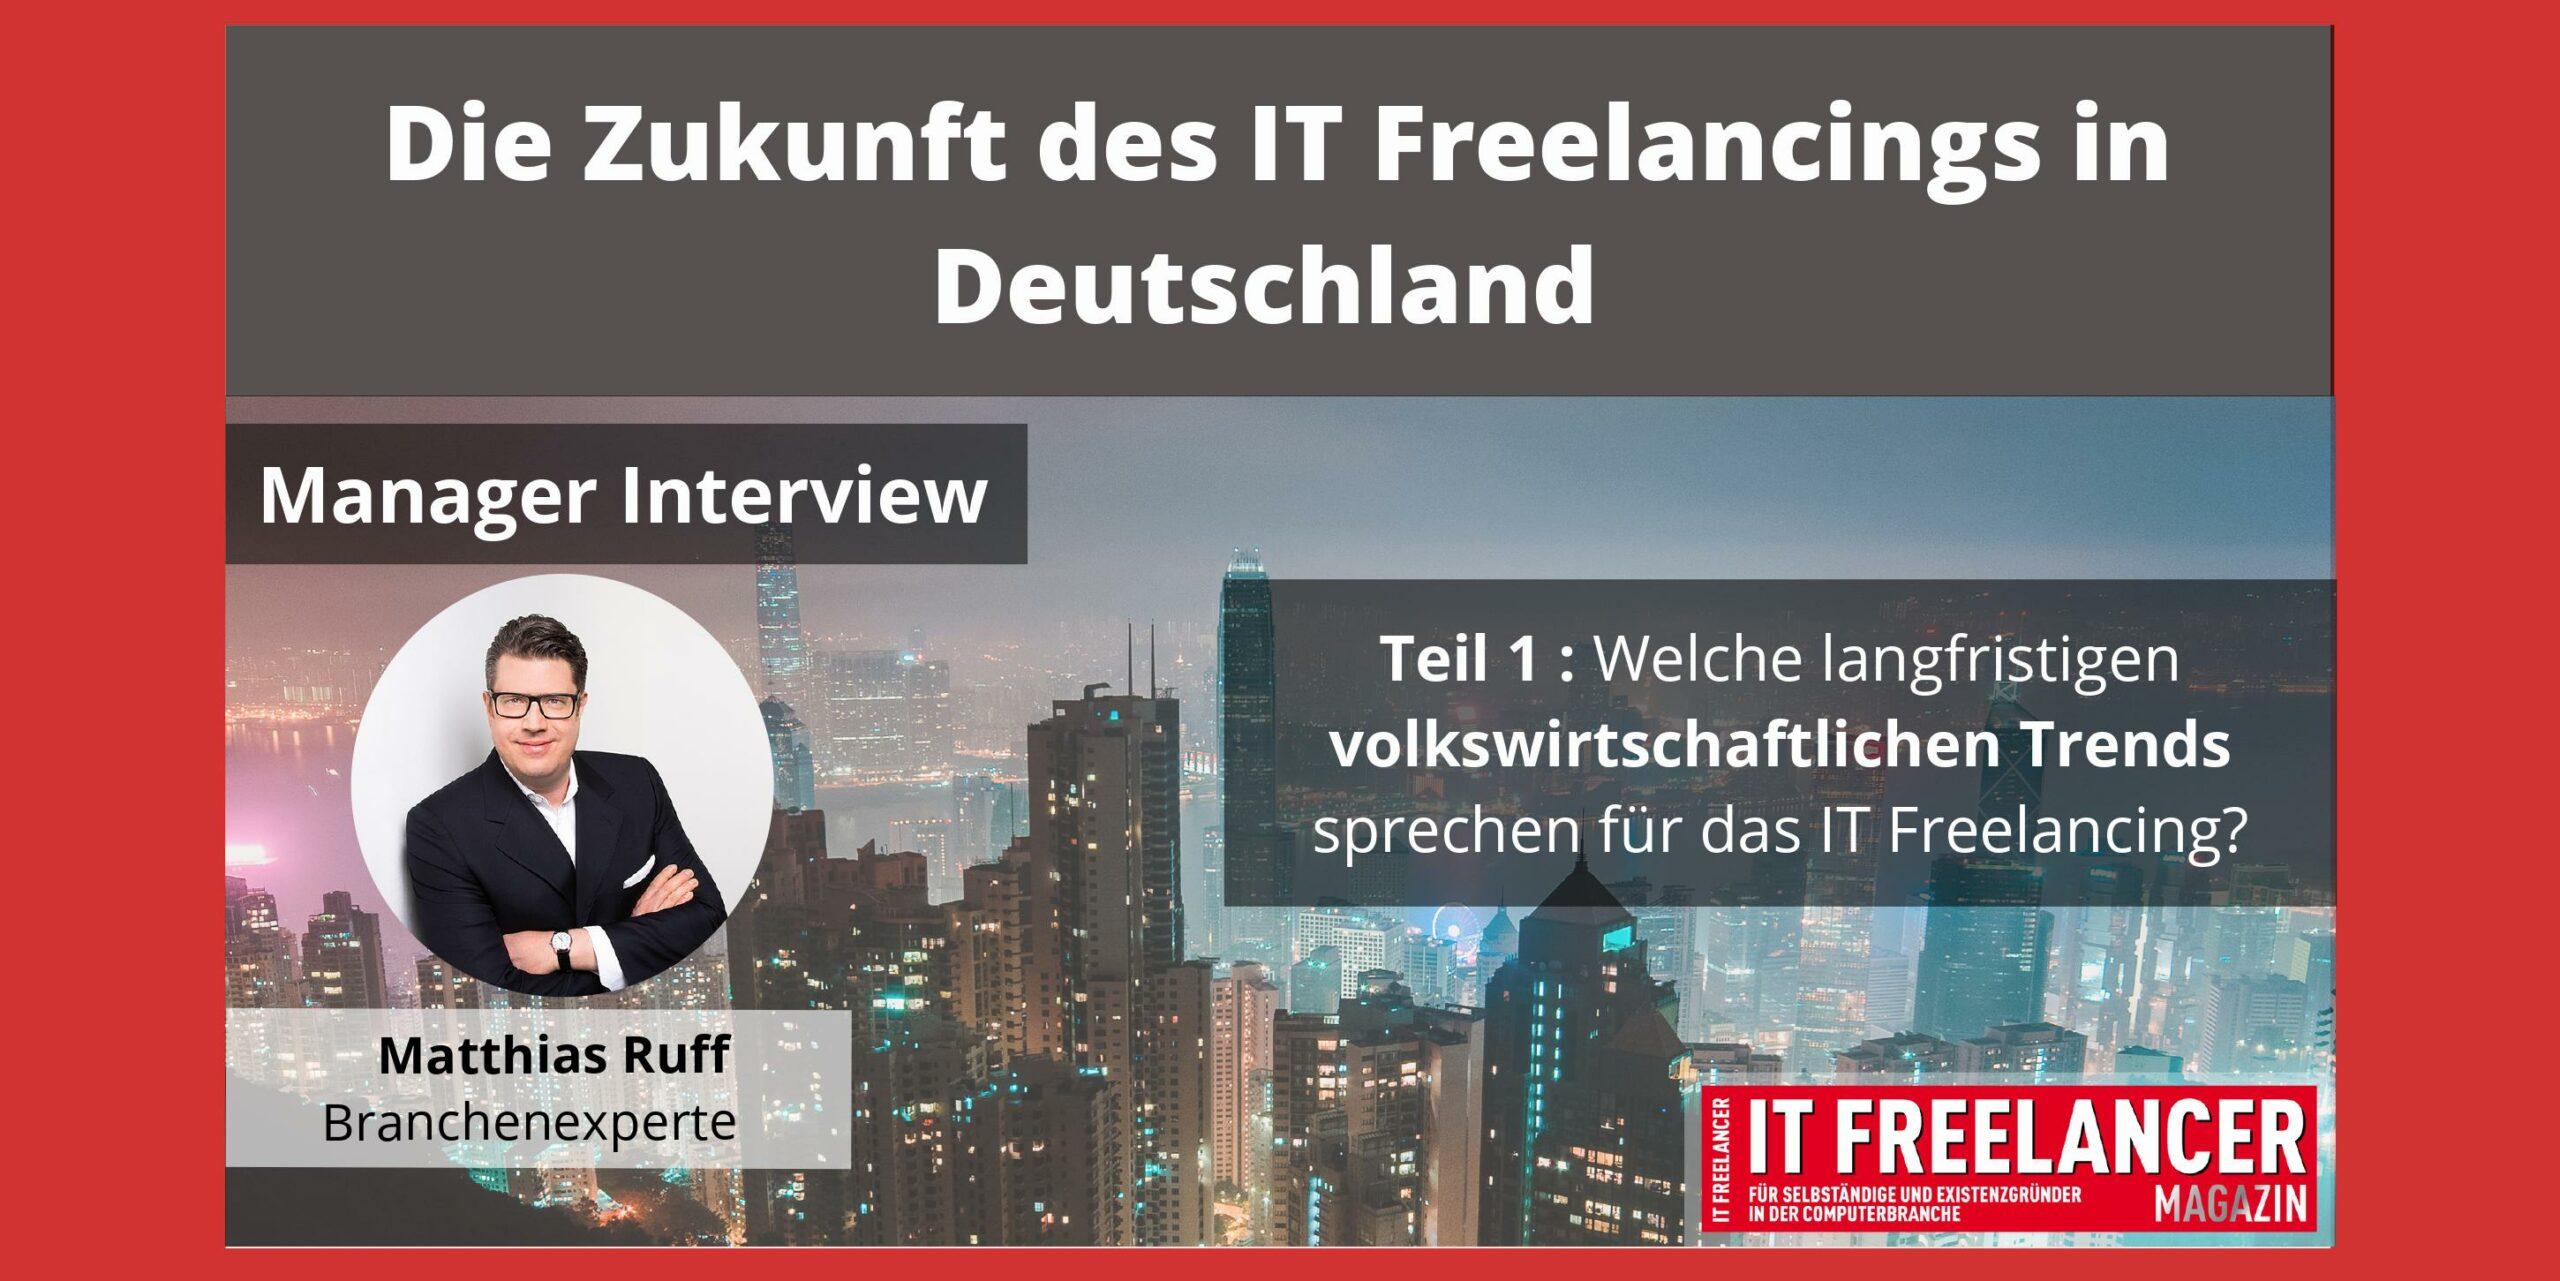 Die Zukunft des IT Freelancings- Manager Interview mit Matthias Ruff